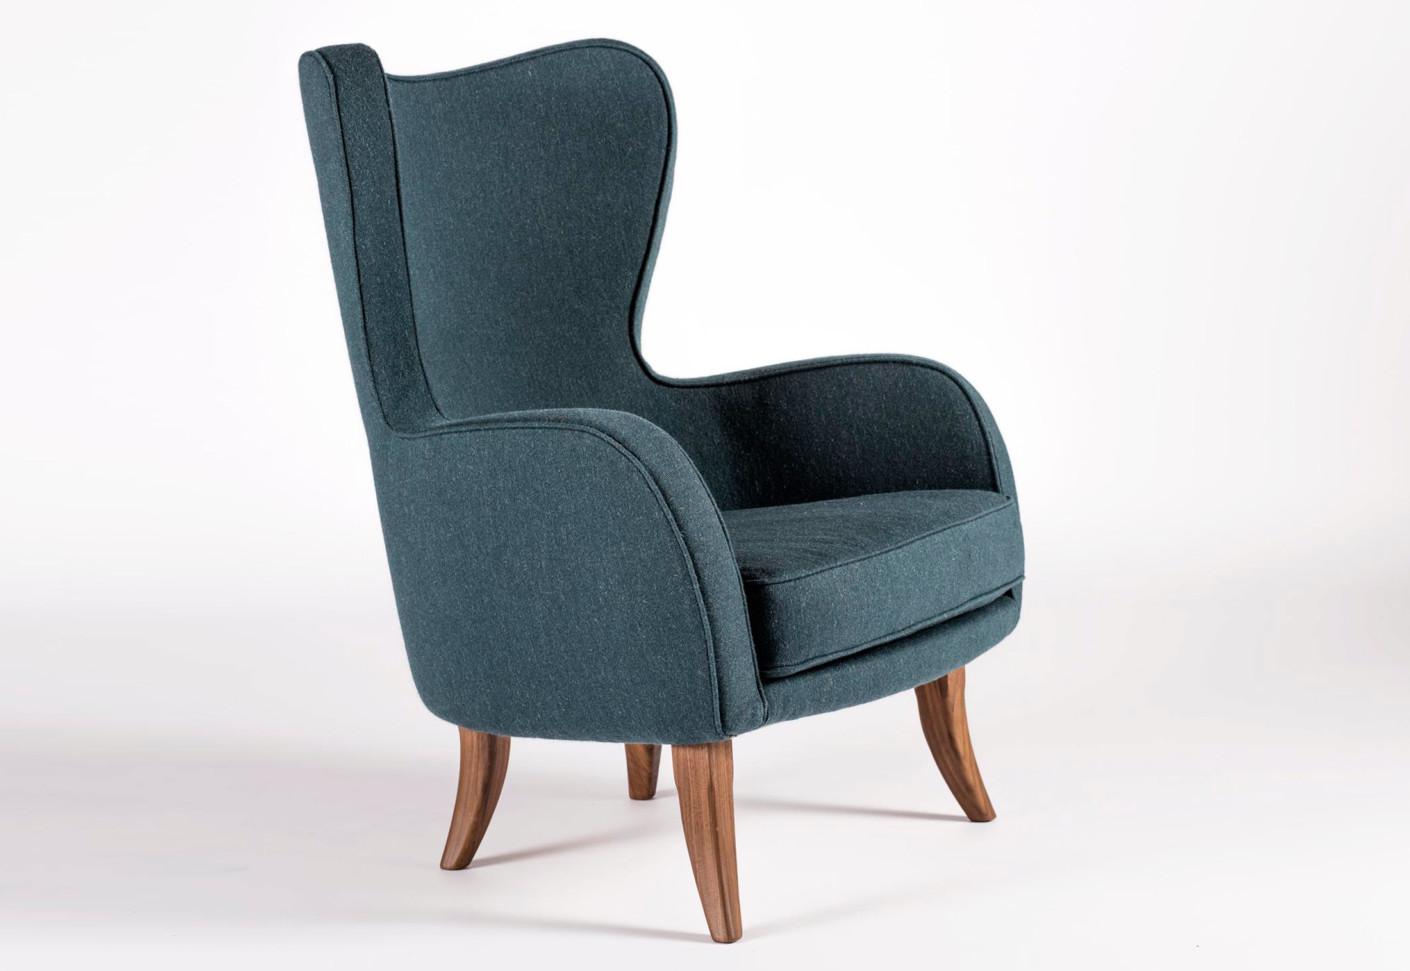 schwadron hiback sessel von wohnkultur 66 stylepark. Black Bedroom Furniture Sets. Home Design Ideas